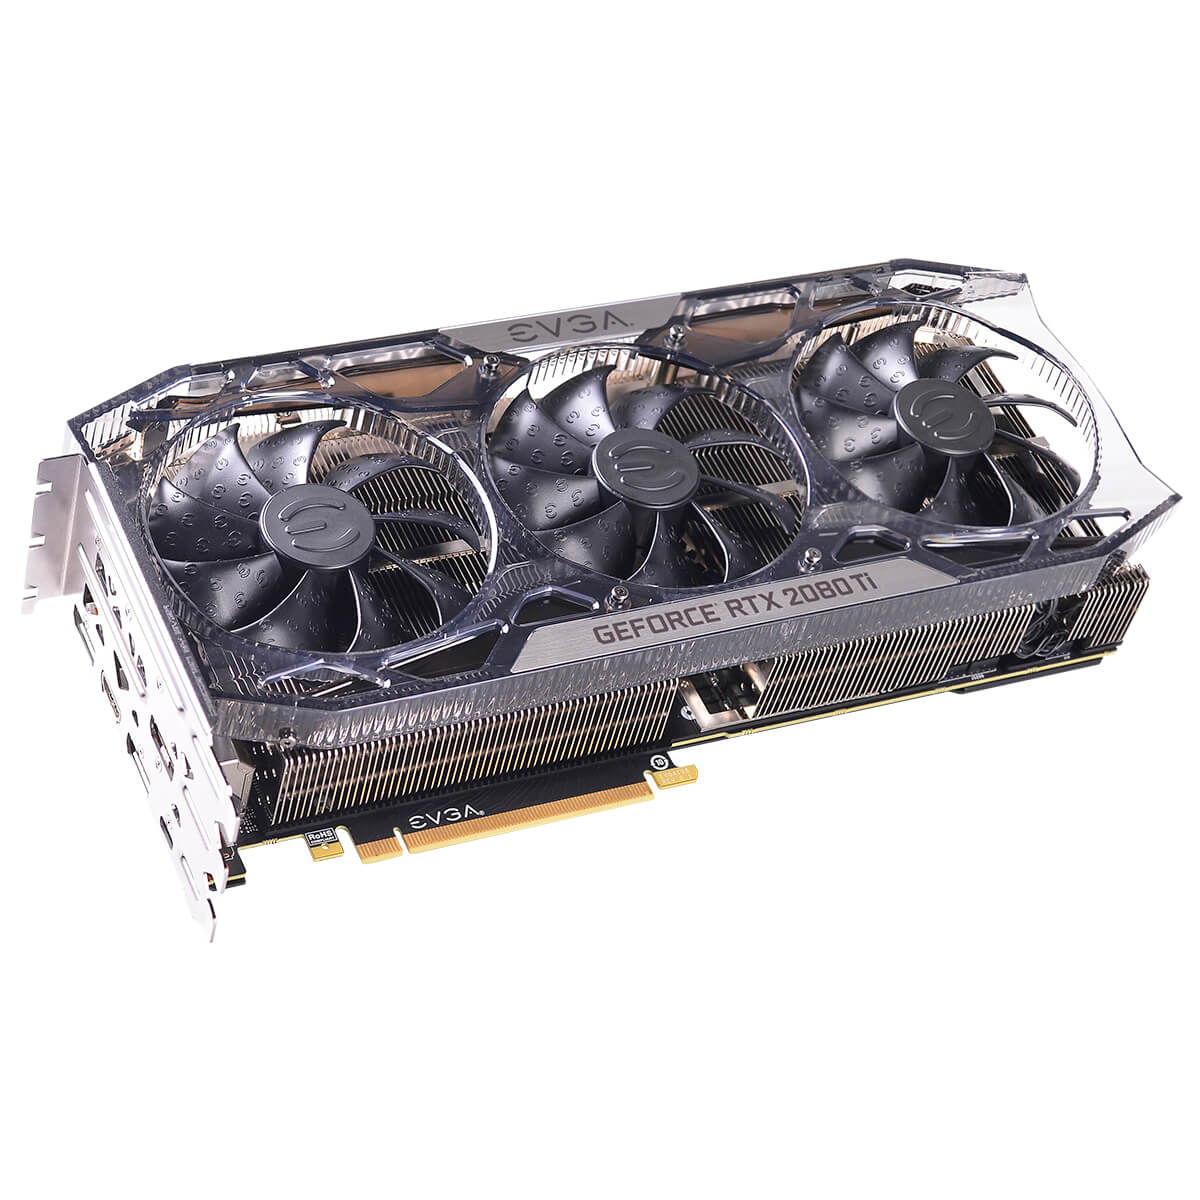 Evga GeForce RTX 2080 Ti FTW3 Ultra Gaming 11GB